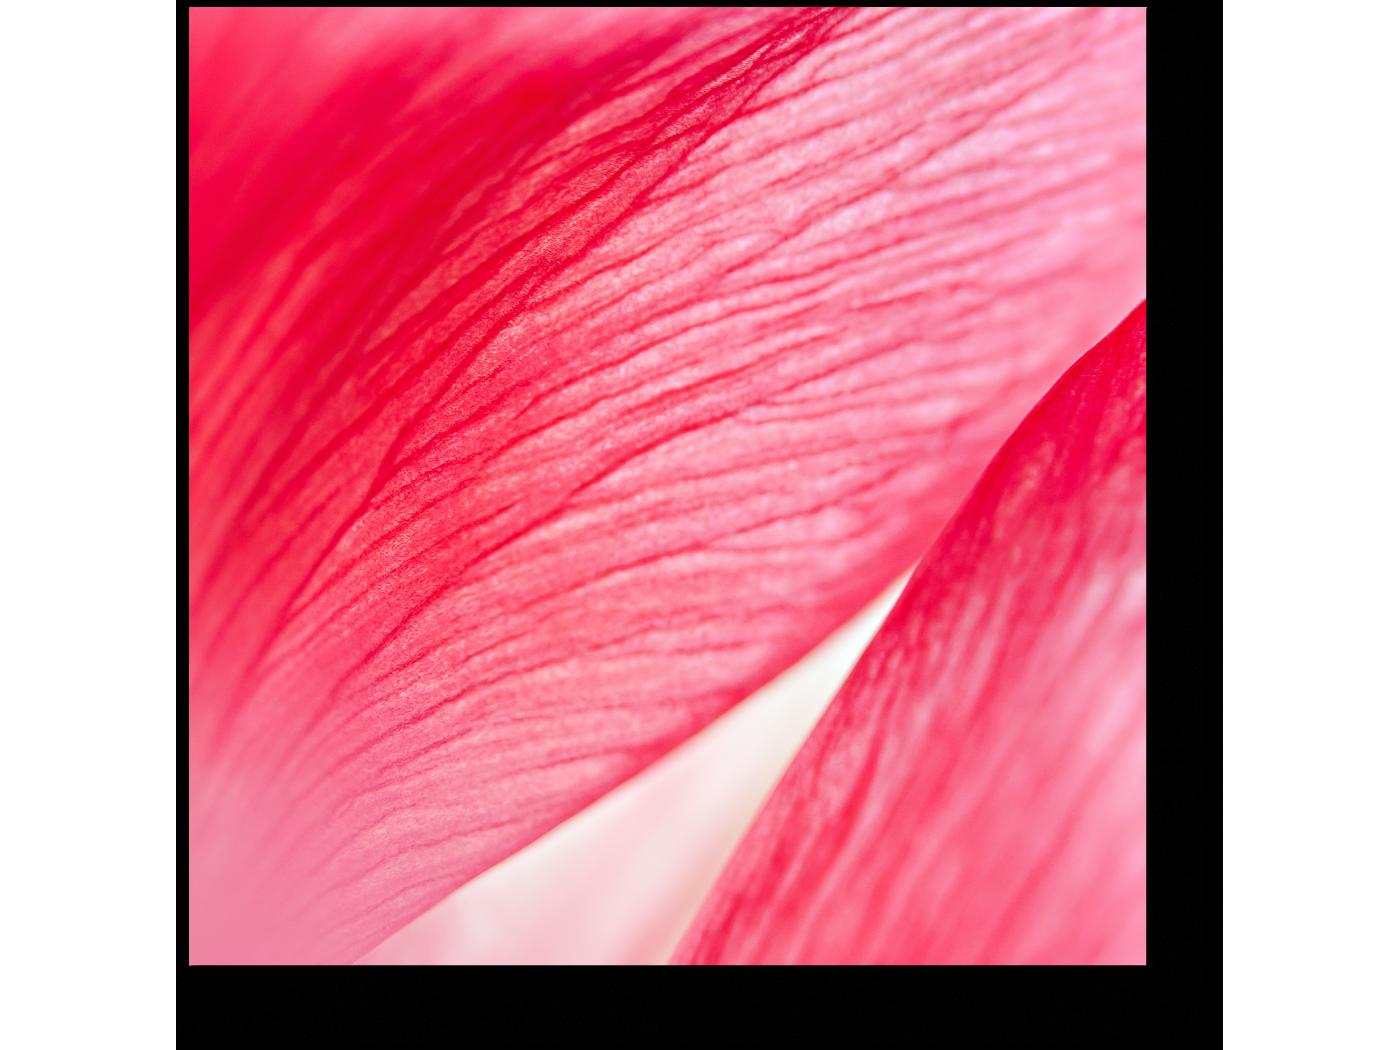 Модульная картина Аромат розы (20x20) фото